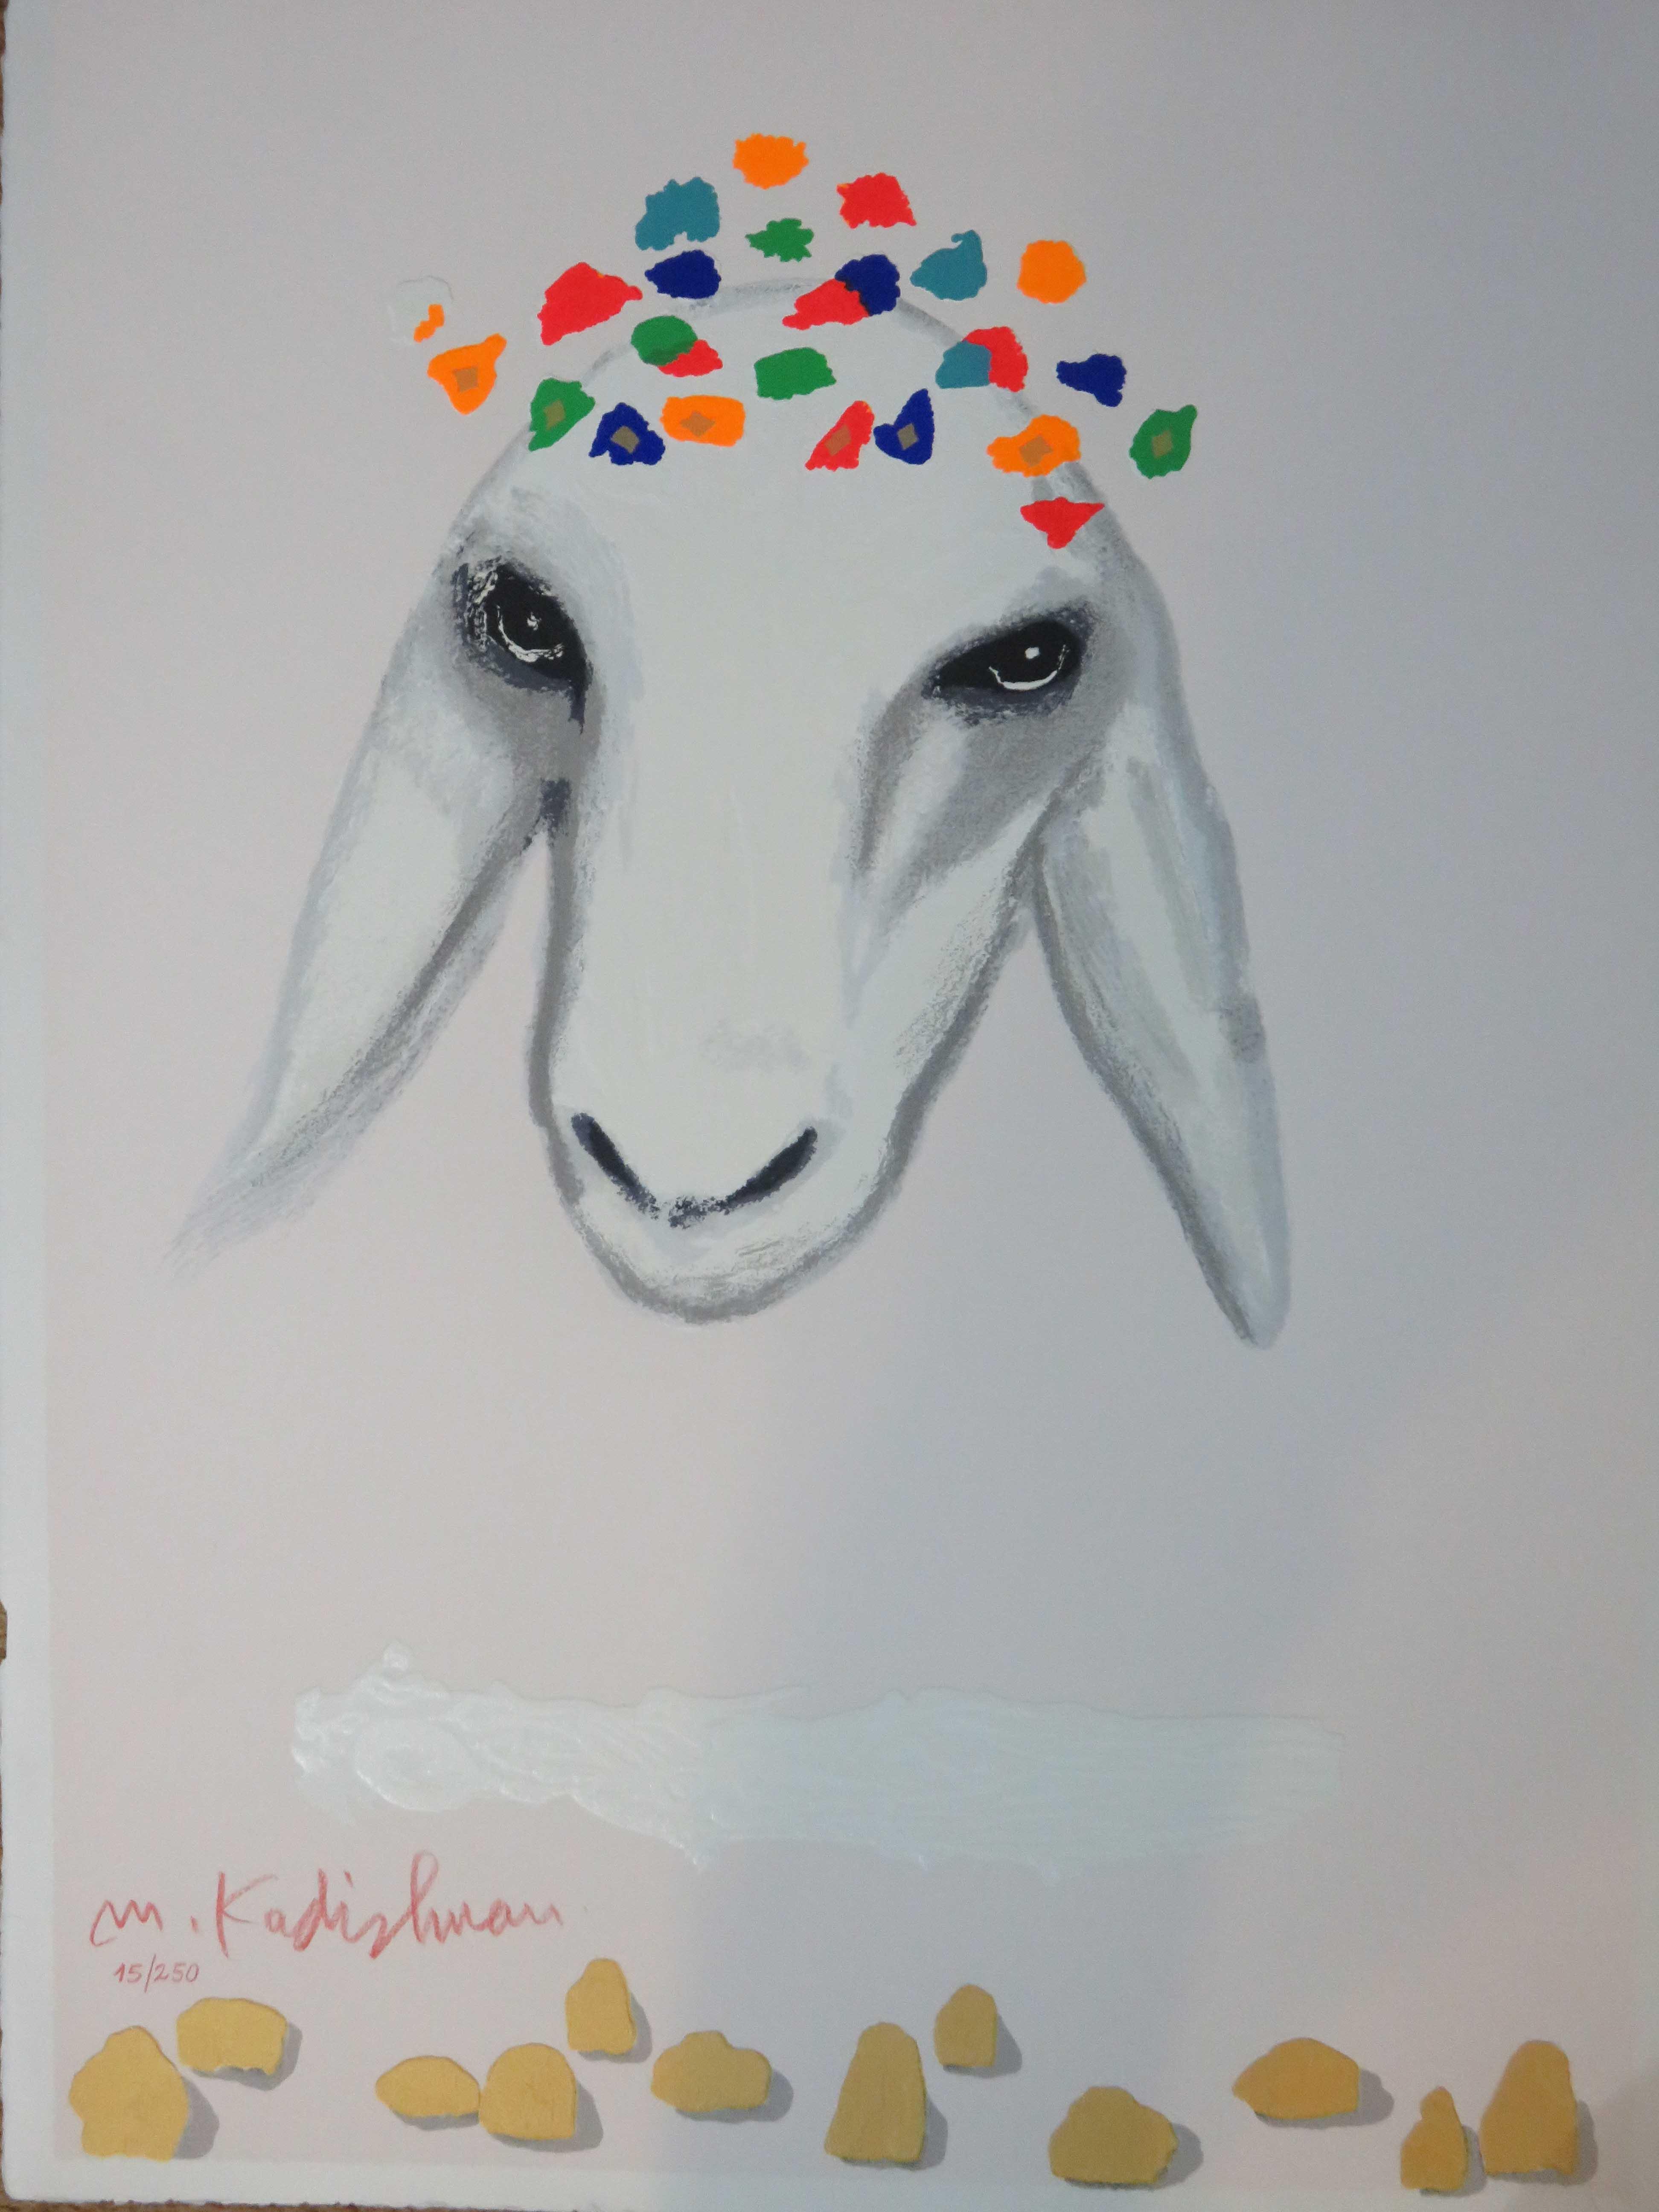 בנפט ליטוגרפיה של קדישמן למכירה - כבשה לבנה עם זר - הגלריה און ליין RV-69